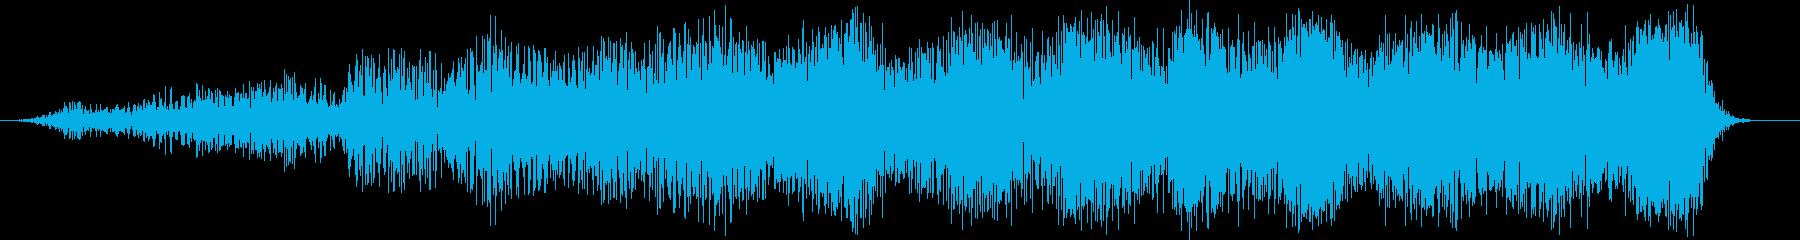 スローディープパルスラッシングパスバイの再生済みの波形